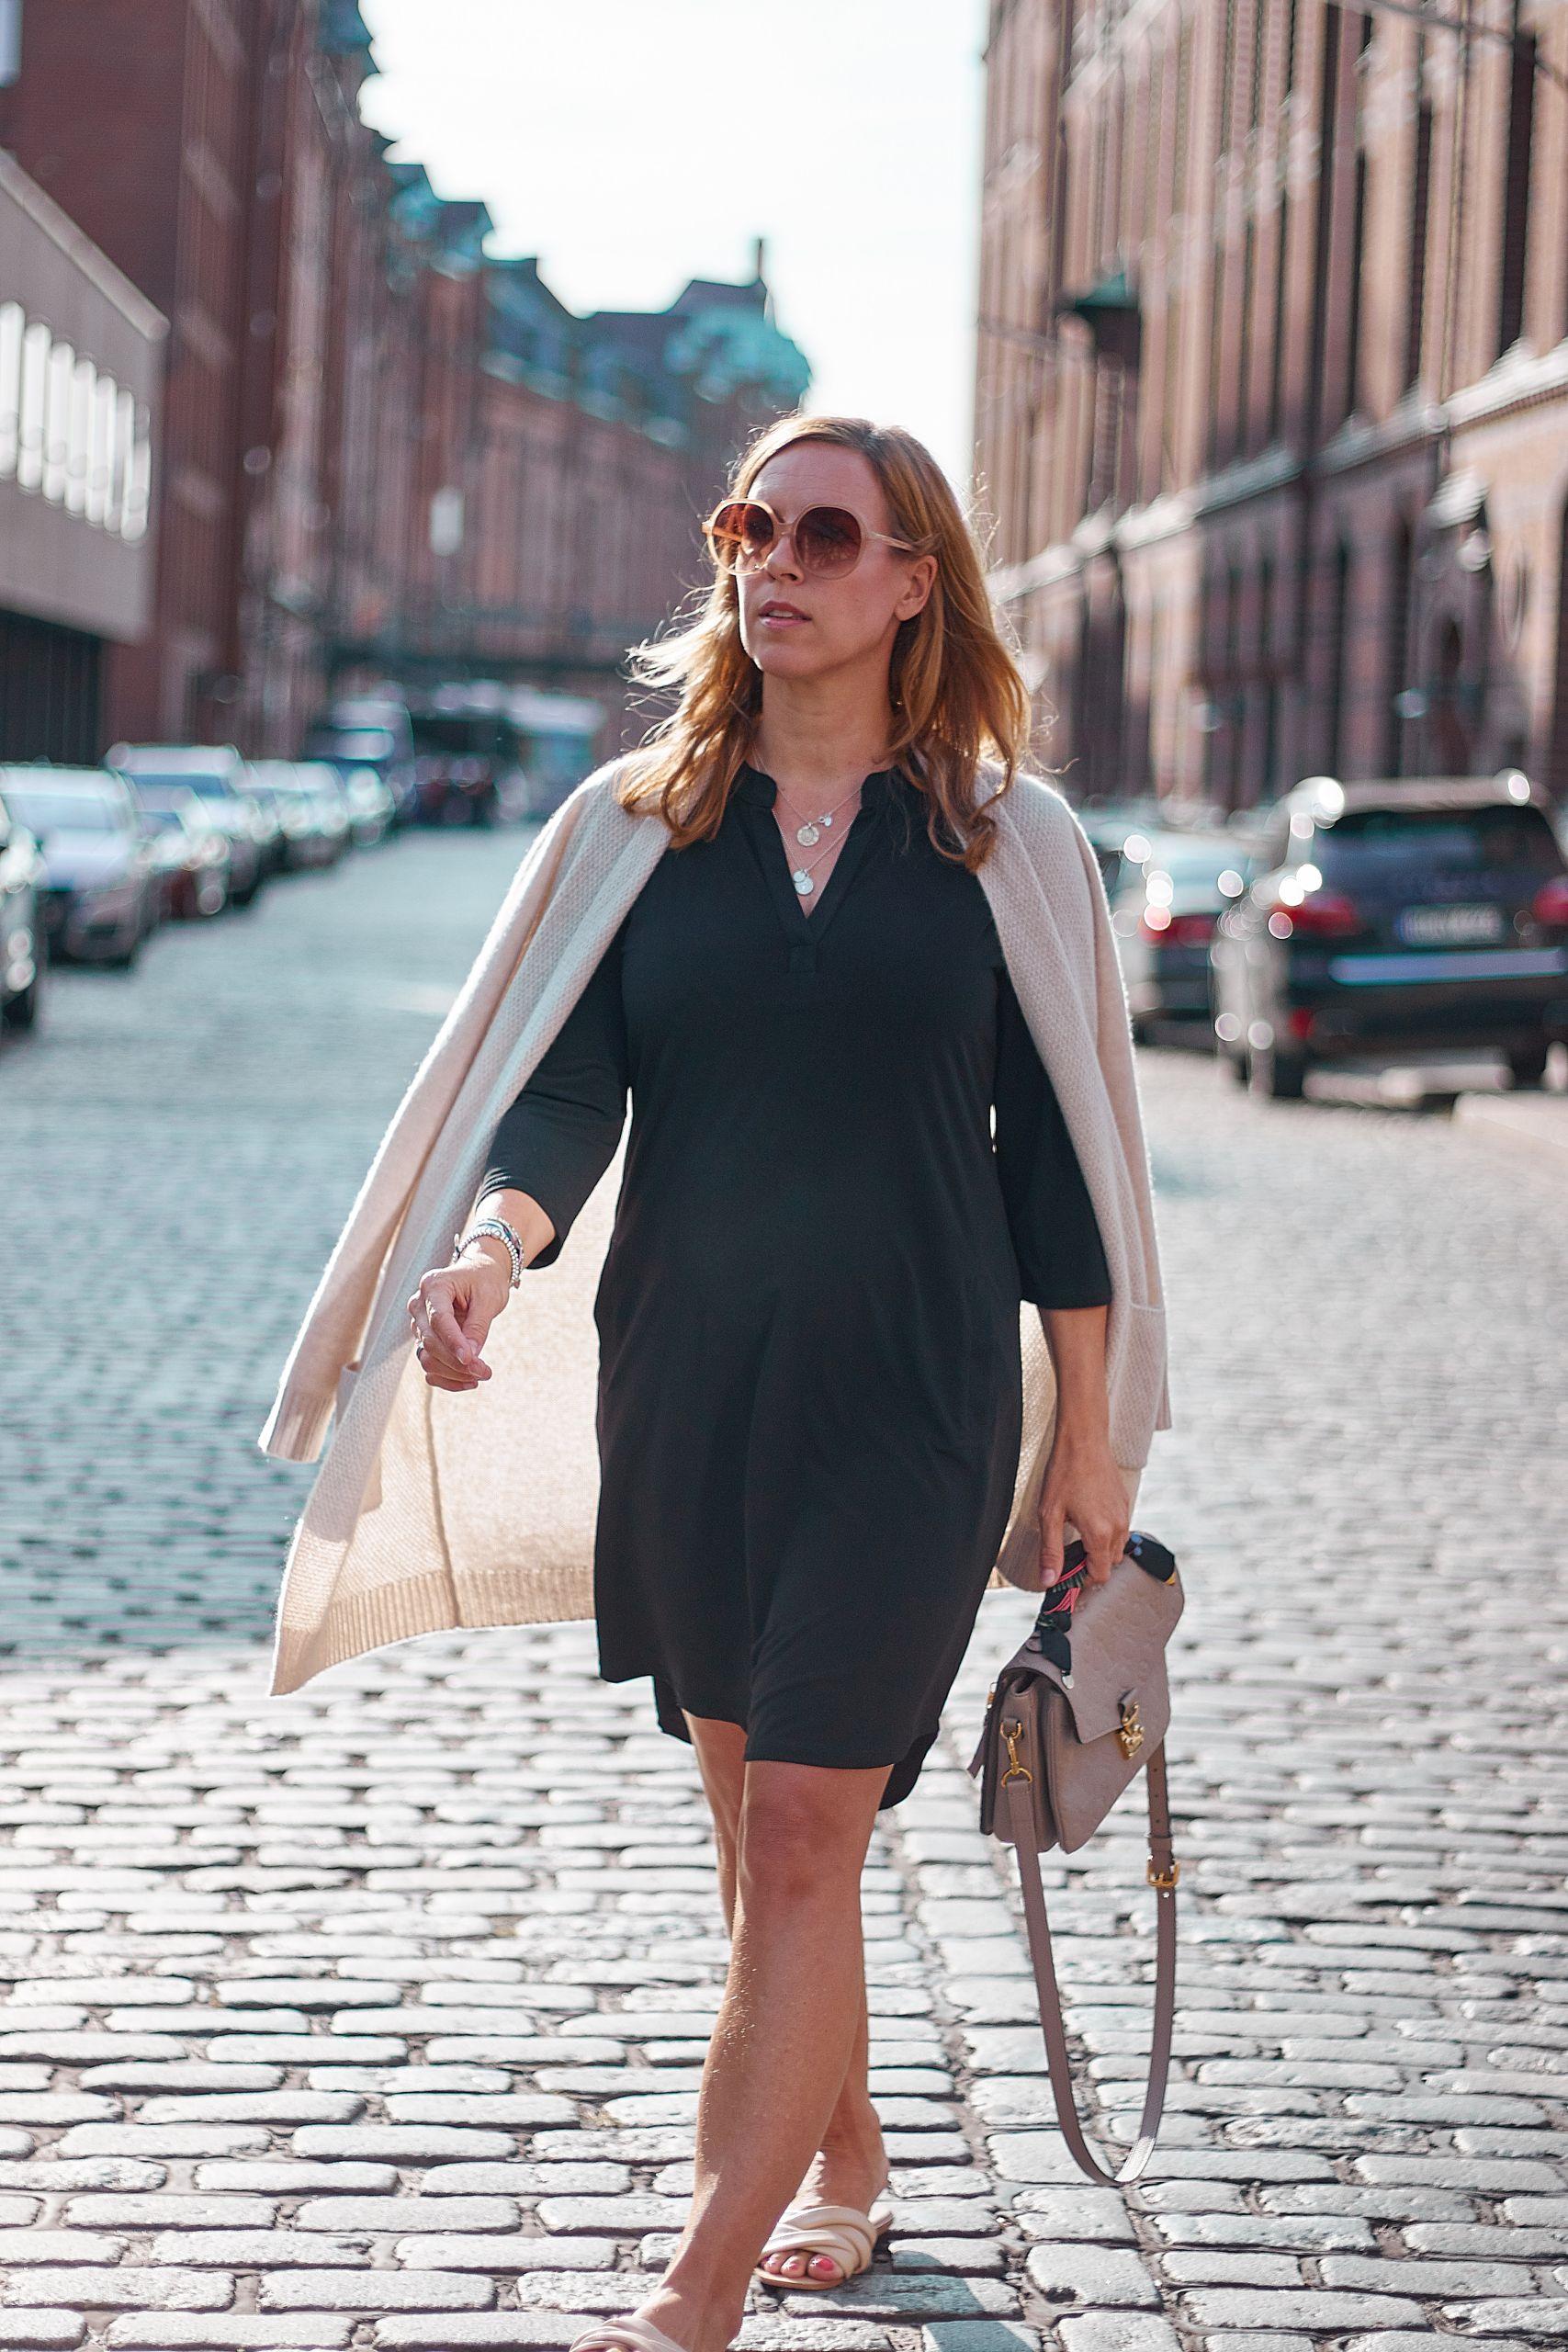 Schwarzes Kleid von Liberty Woman Online zu Cashmere Jacke und Louis Vuitton Metis in Speicherstadt